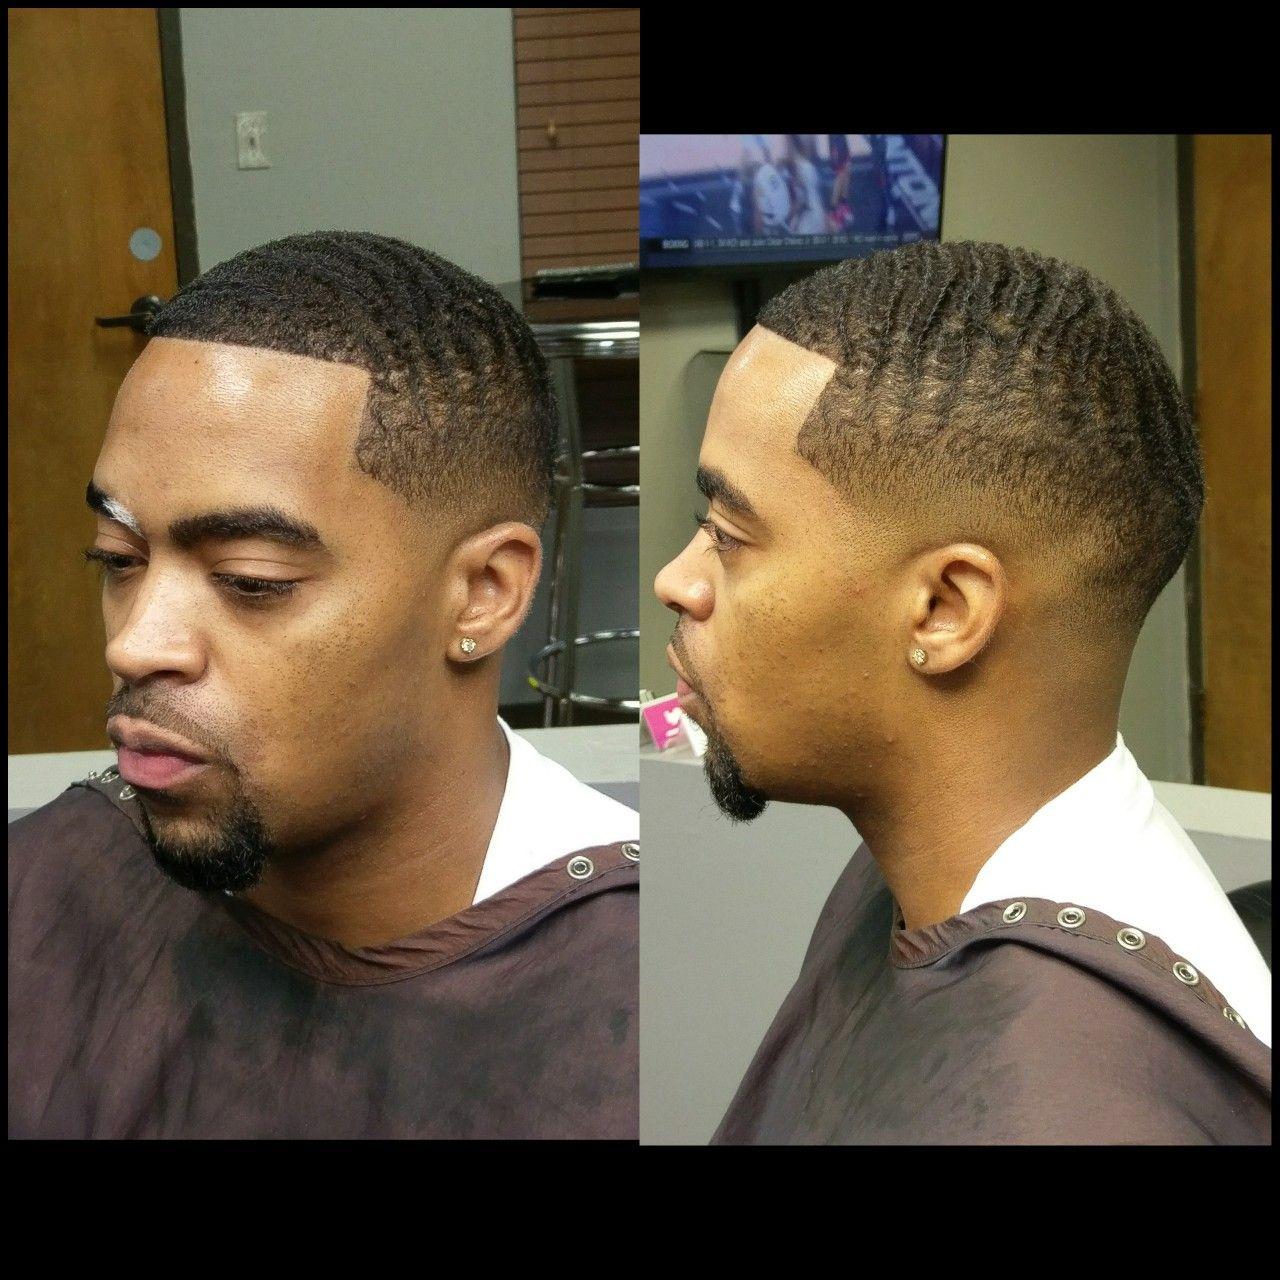 Pin by chuck da barber on haircuts by chuck_da_barber barber